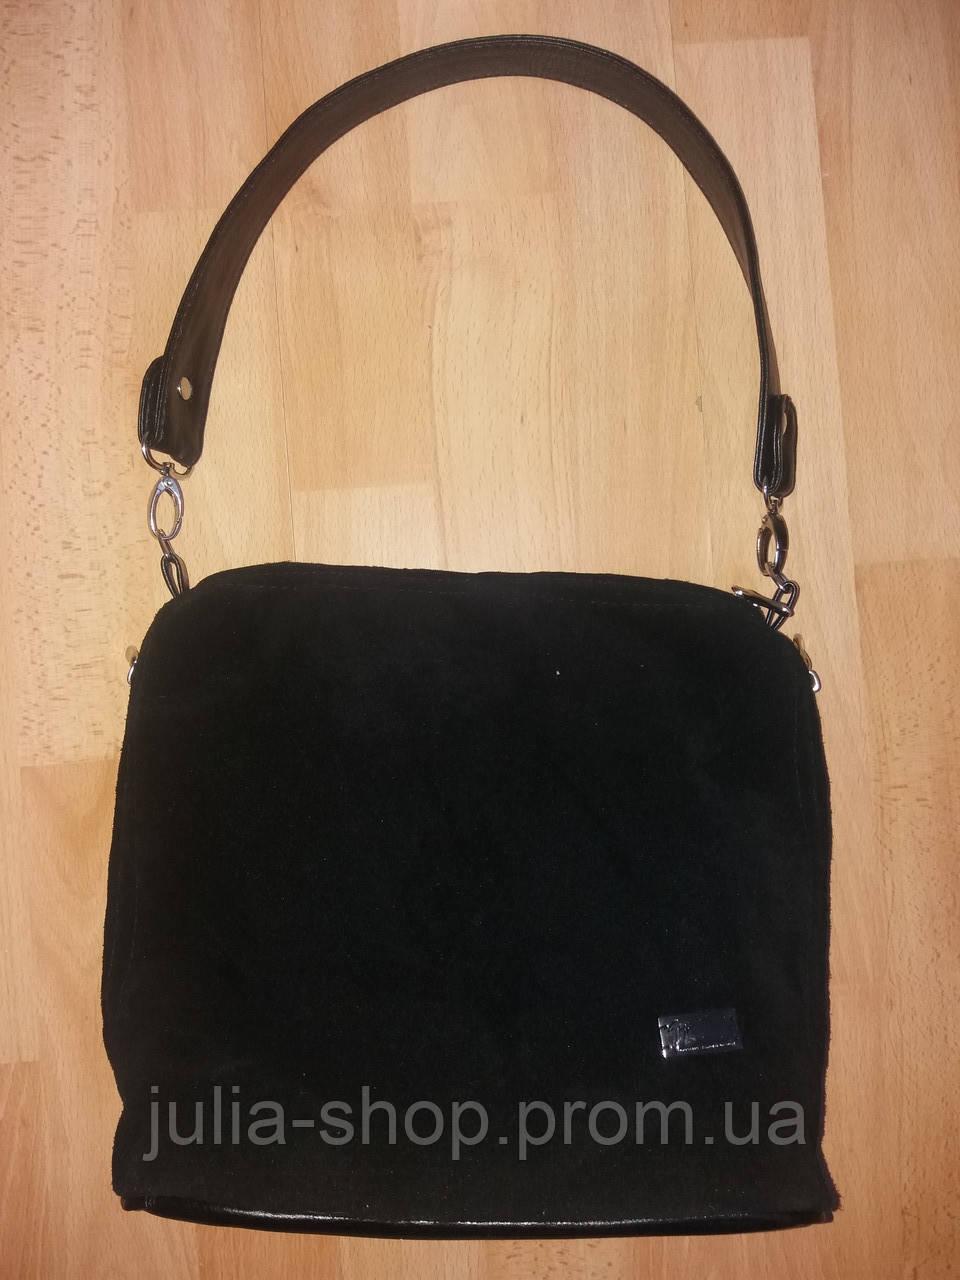 059fa45d9195 Жіноча сумка кроссбоді модель 554 замш кольори чорний, бордо синій зелений  - Интернет магазин одежды